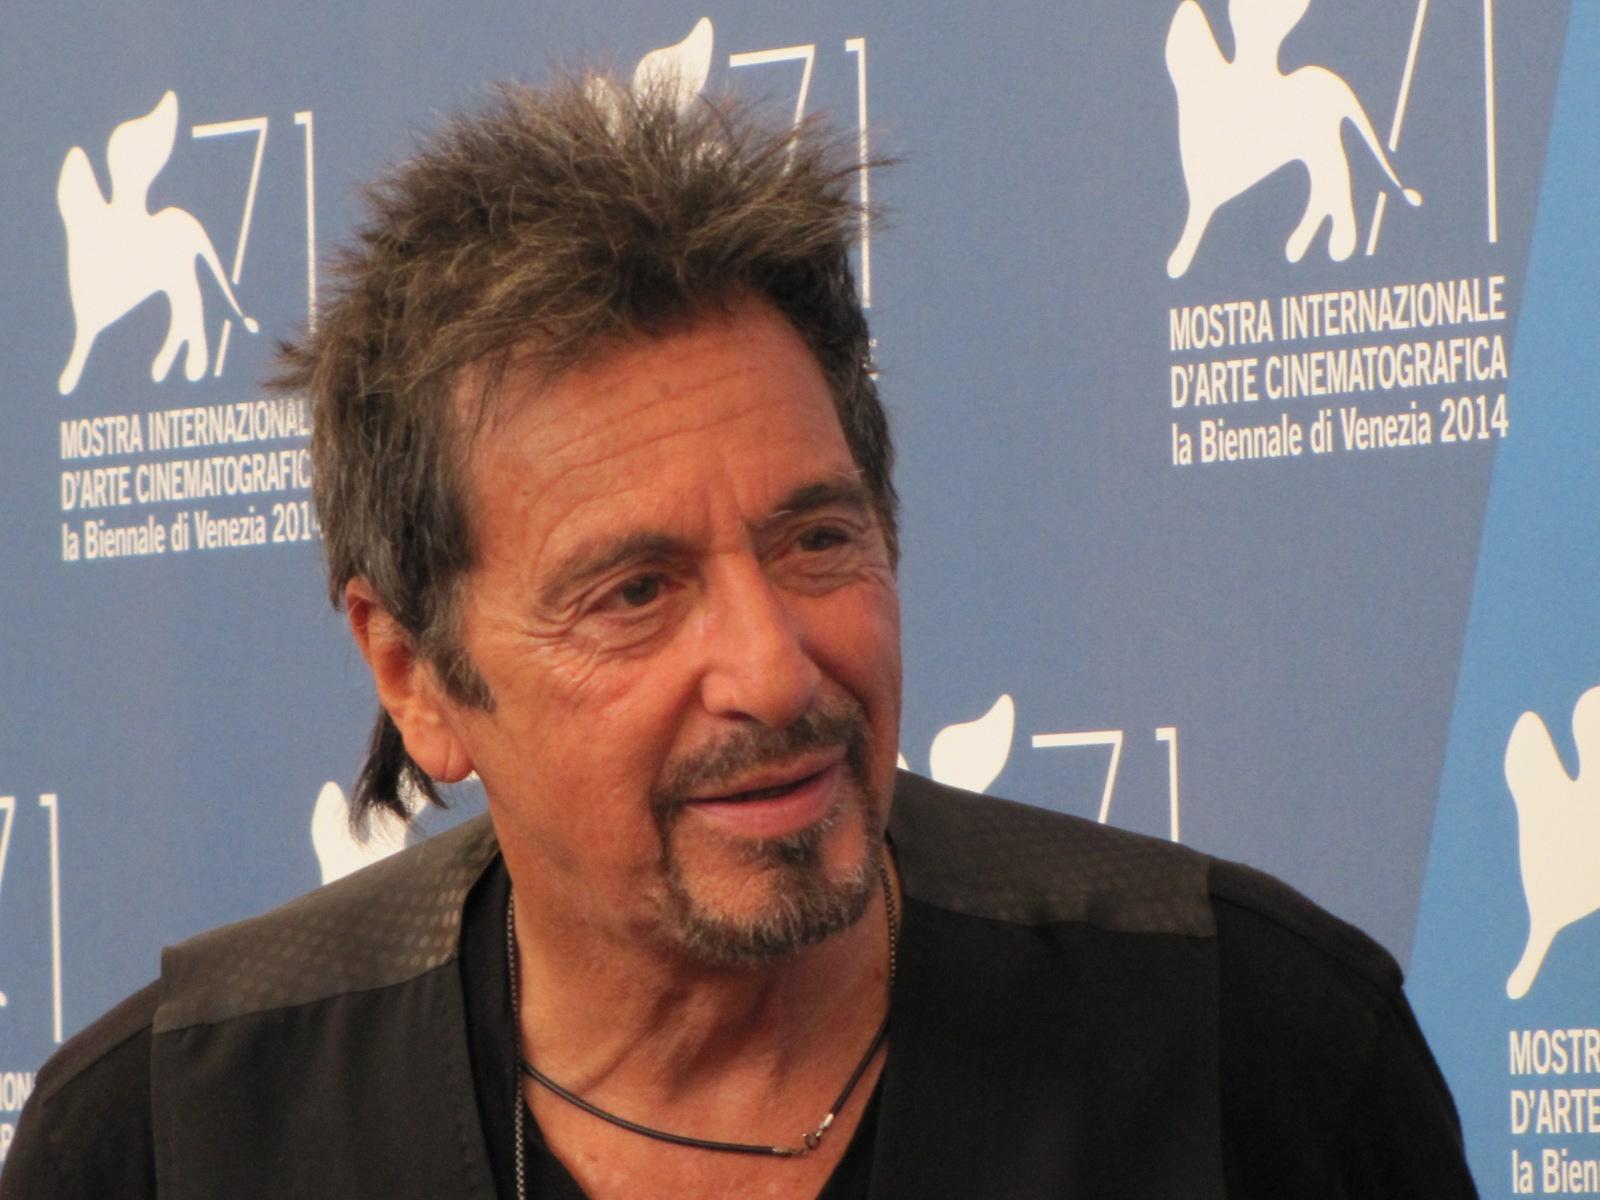 Al Pacino alla Mostra di Venezia 2014 con due film: Manglehorn e The Humbling